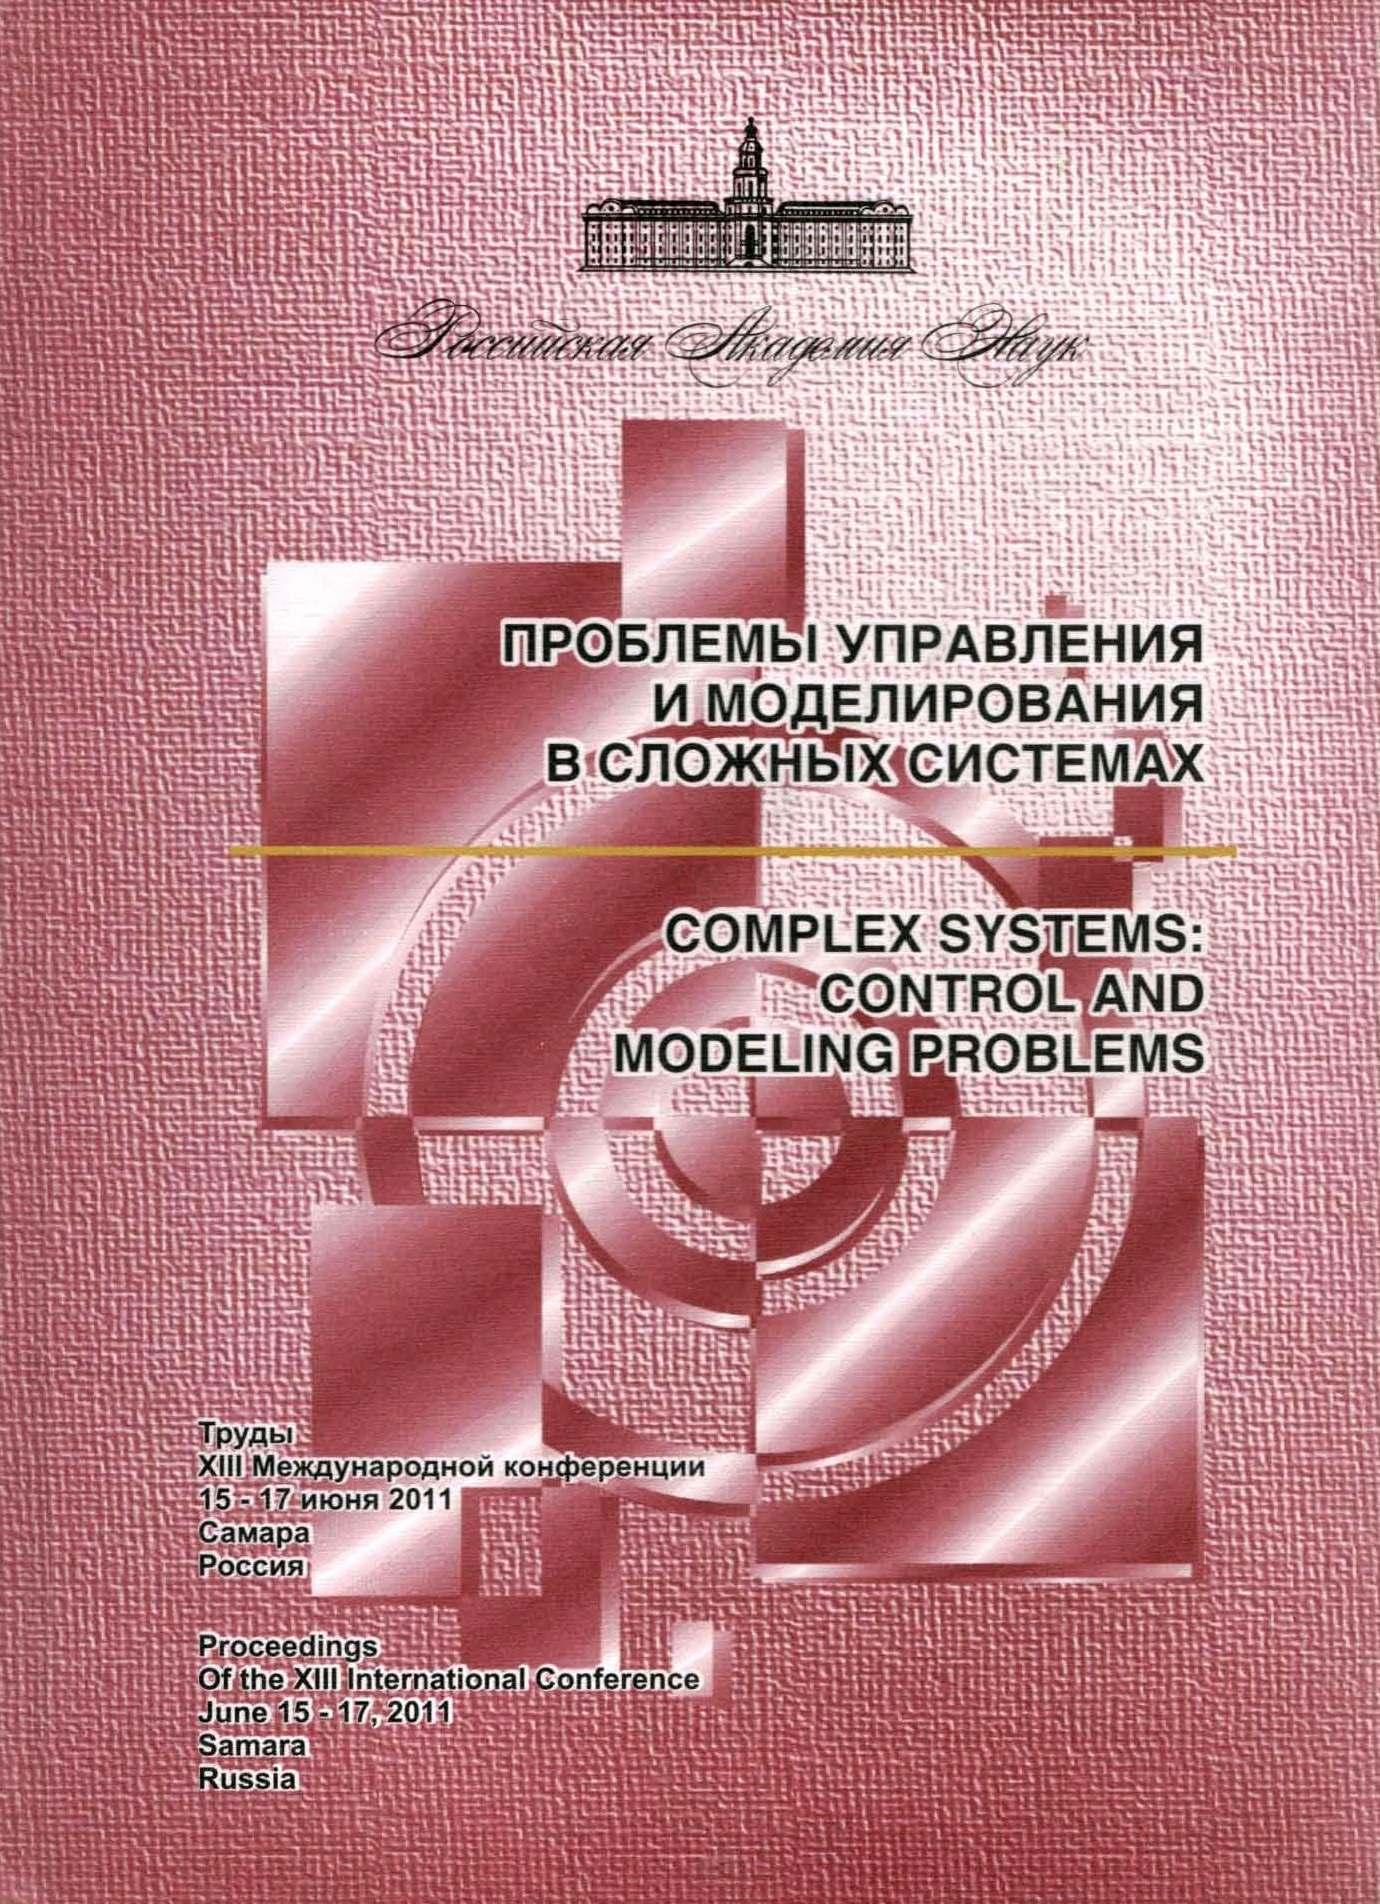 Проблемы управления и моделирования в сложных системах: труды XIII международной конференции (15-17 июня 2011 г., Самара, Россия)